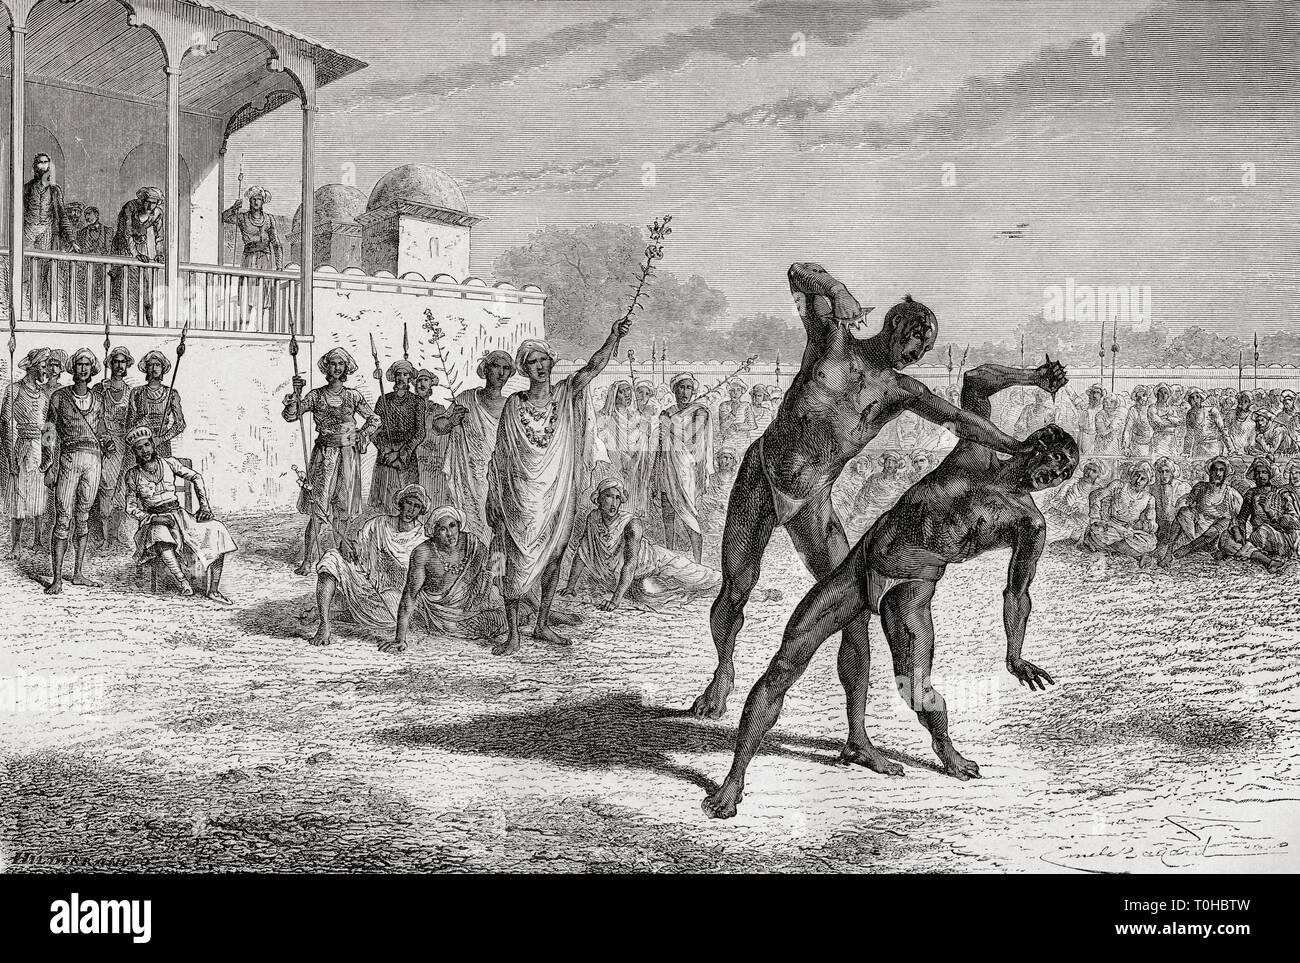 El deporte en la sangre Baroda, India, Asia Imagen De Stock